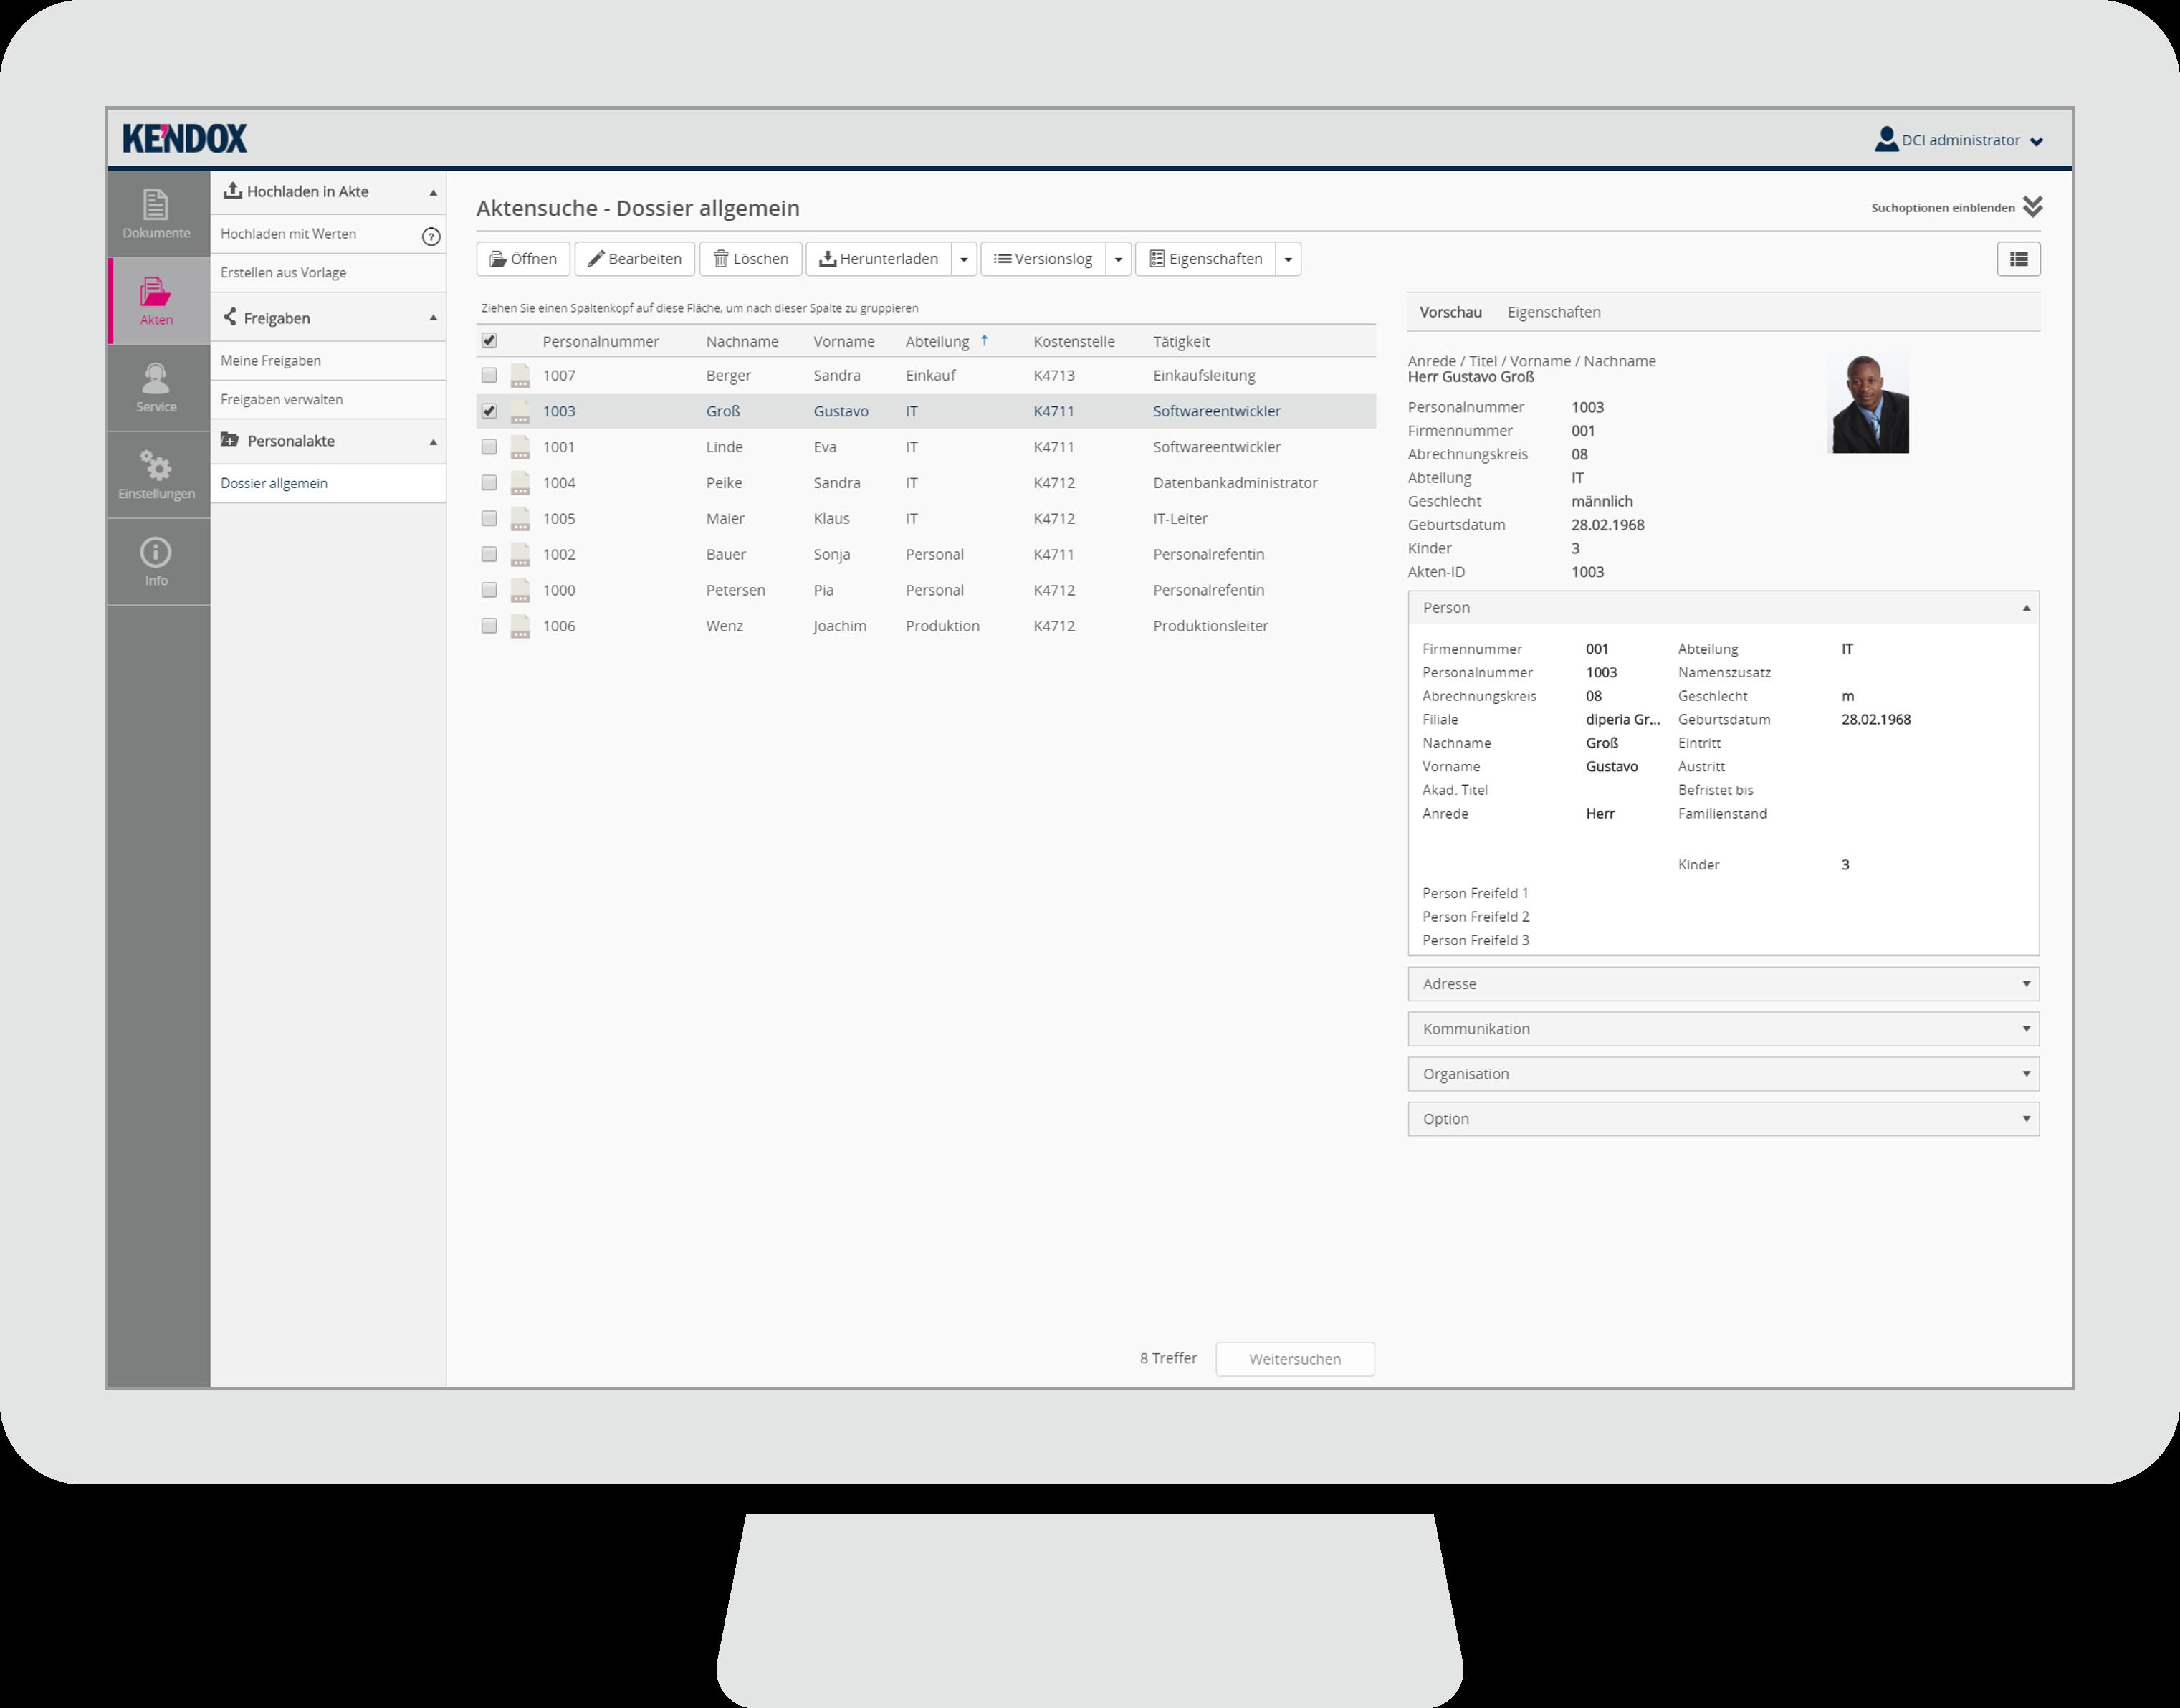 Kendox InfoShare, Aktenübersicht - Dossierübersicht